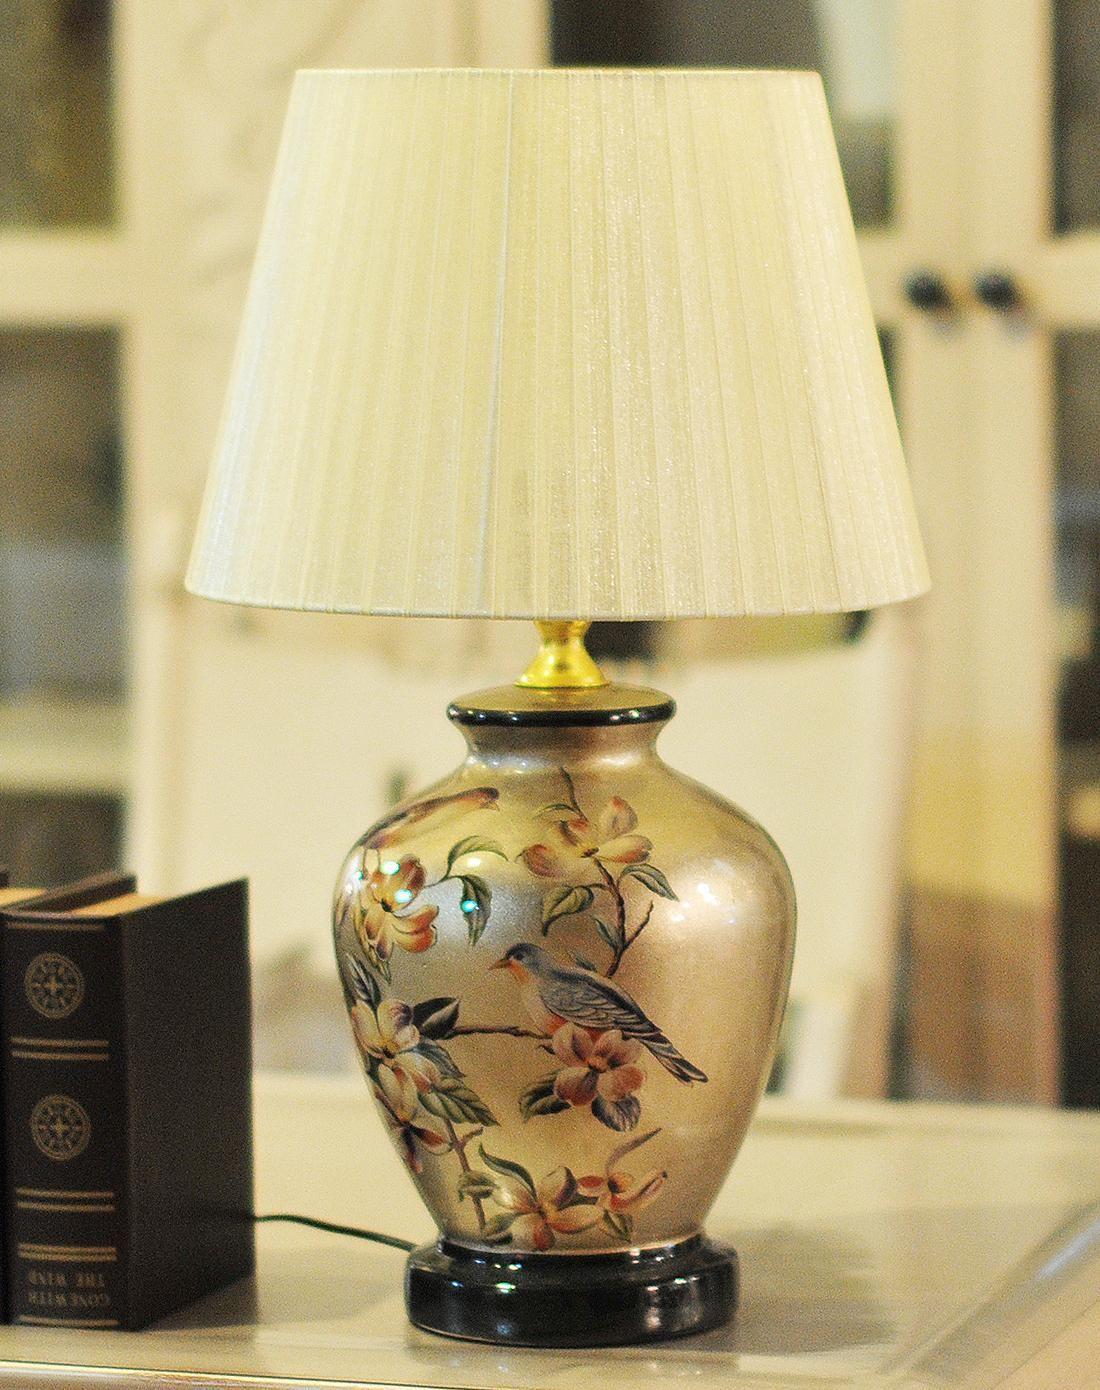 朵兰舍doolans欧式彩绘陶瓷卧室床头台灯金色底款tdd